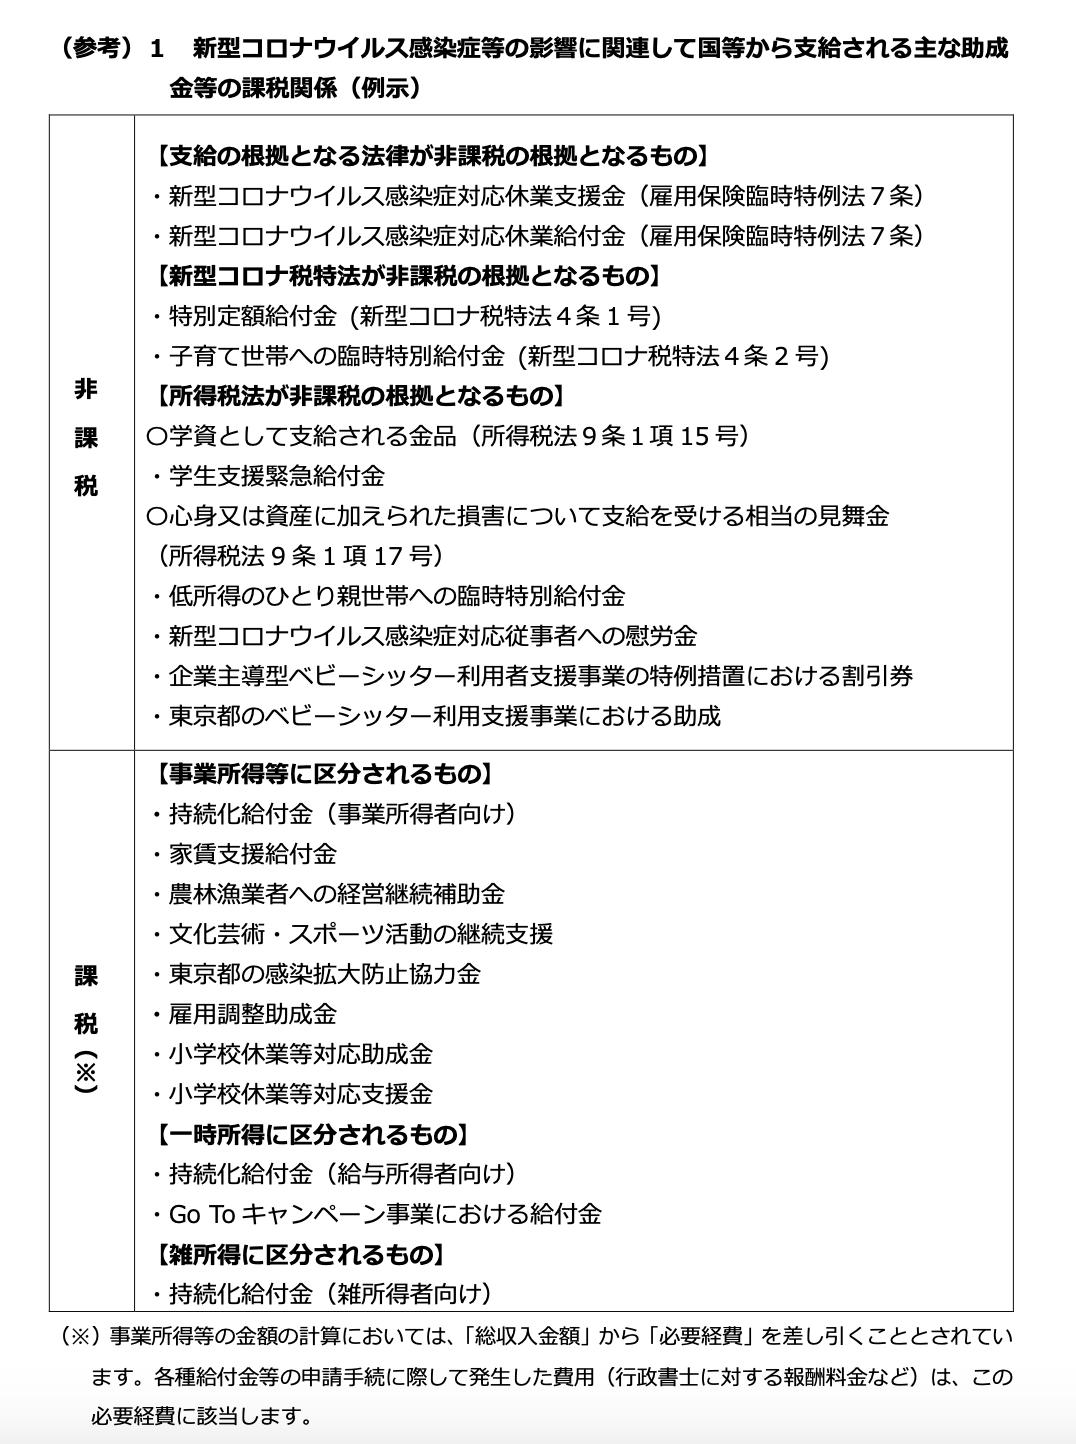 新型コロナ課税関係001